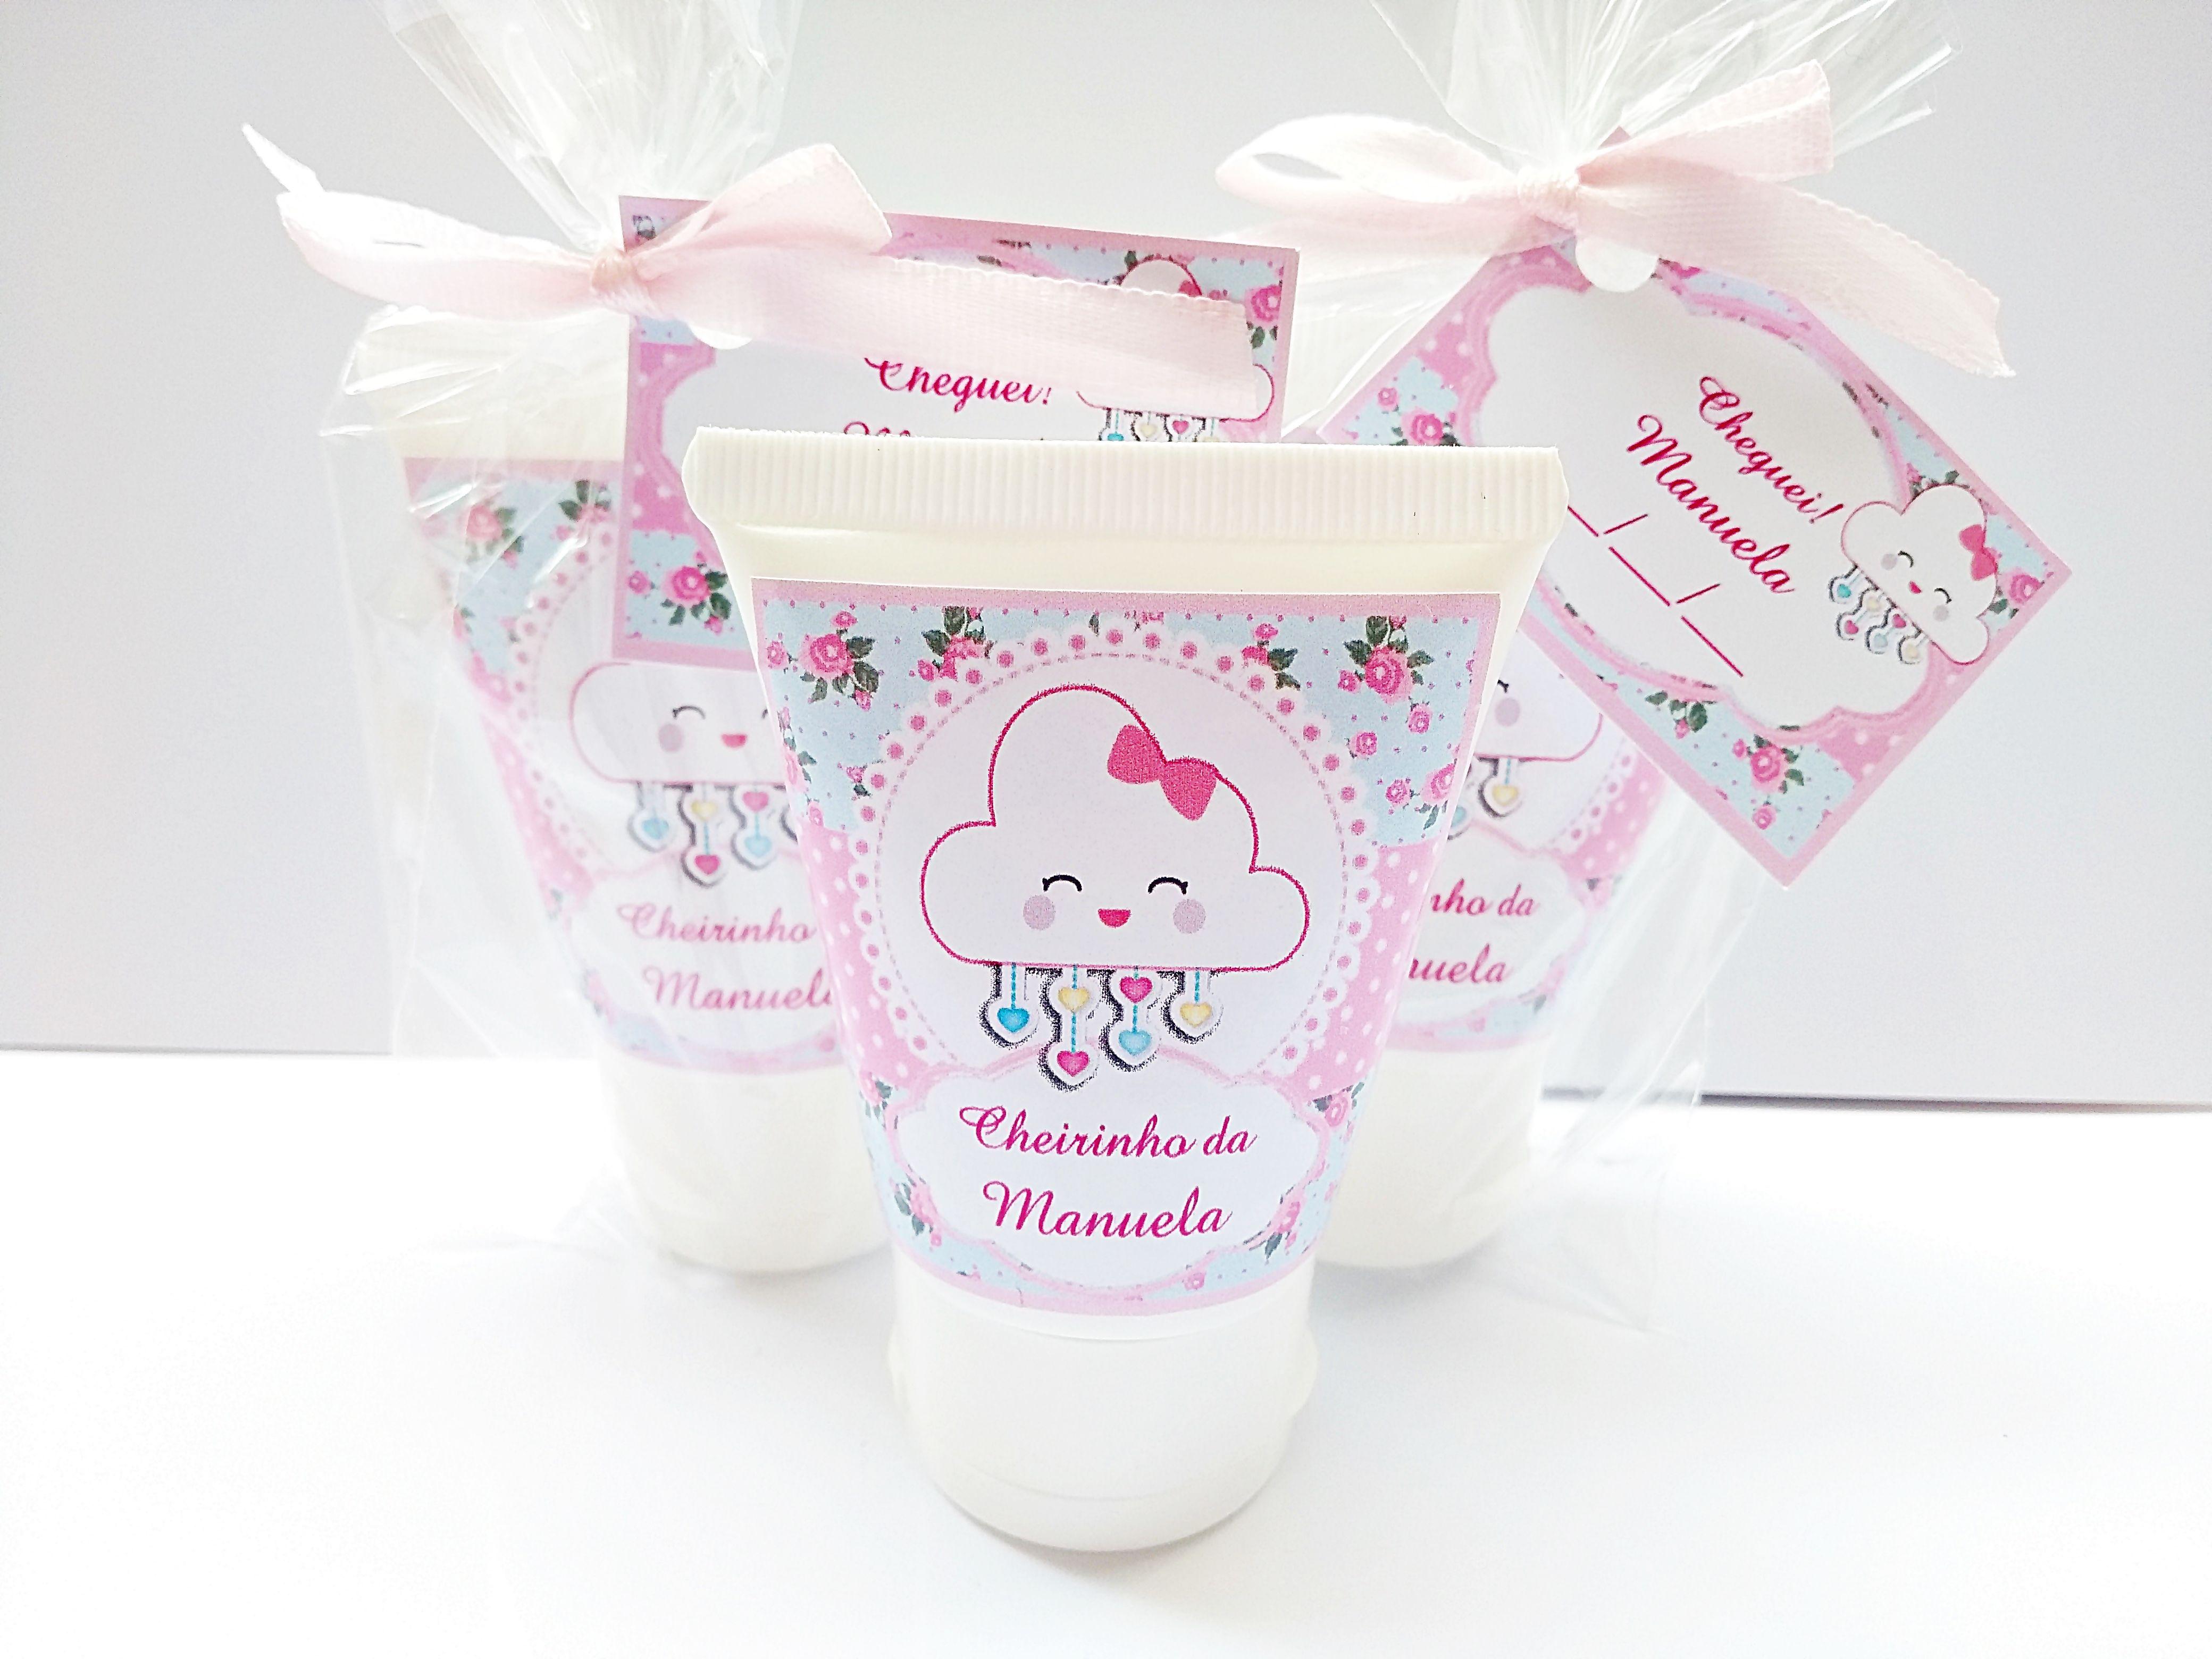 lembrancinha maternidade nascimento batizado aniversário sabonete líquido  chá de bebê chá de fralda nuvem nuven nuvem 3ac2b66a43